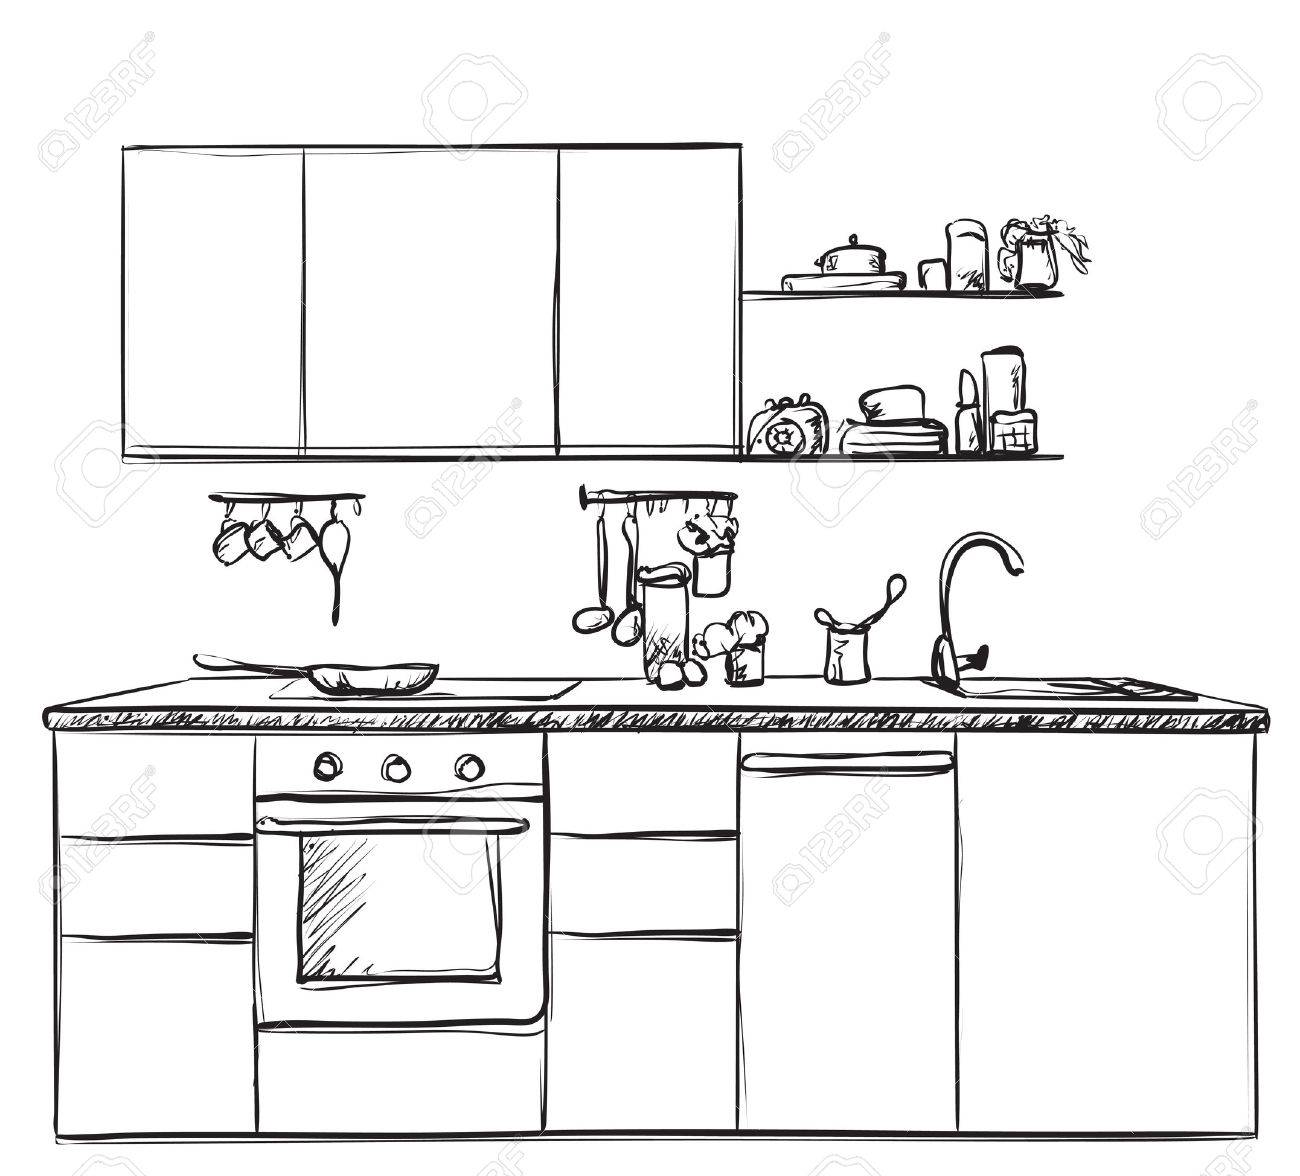 Cocina Interior Dibujo, Ilustración Vectorial. Esbozo De Muebles ...